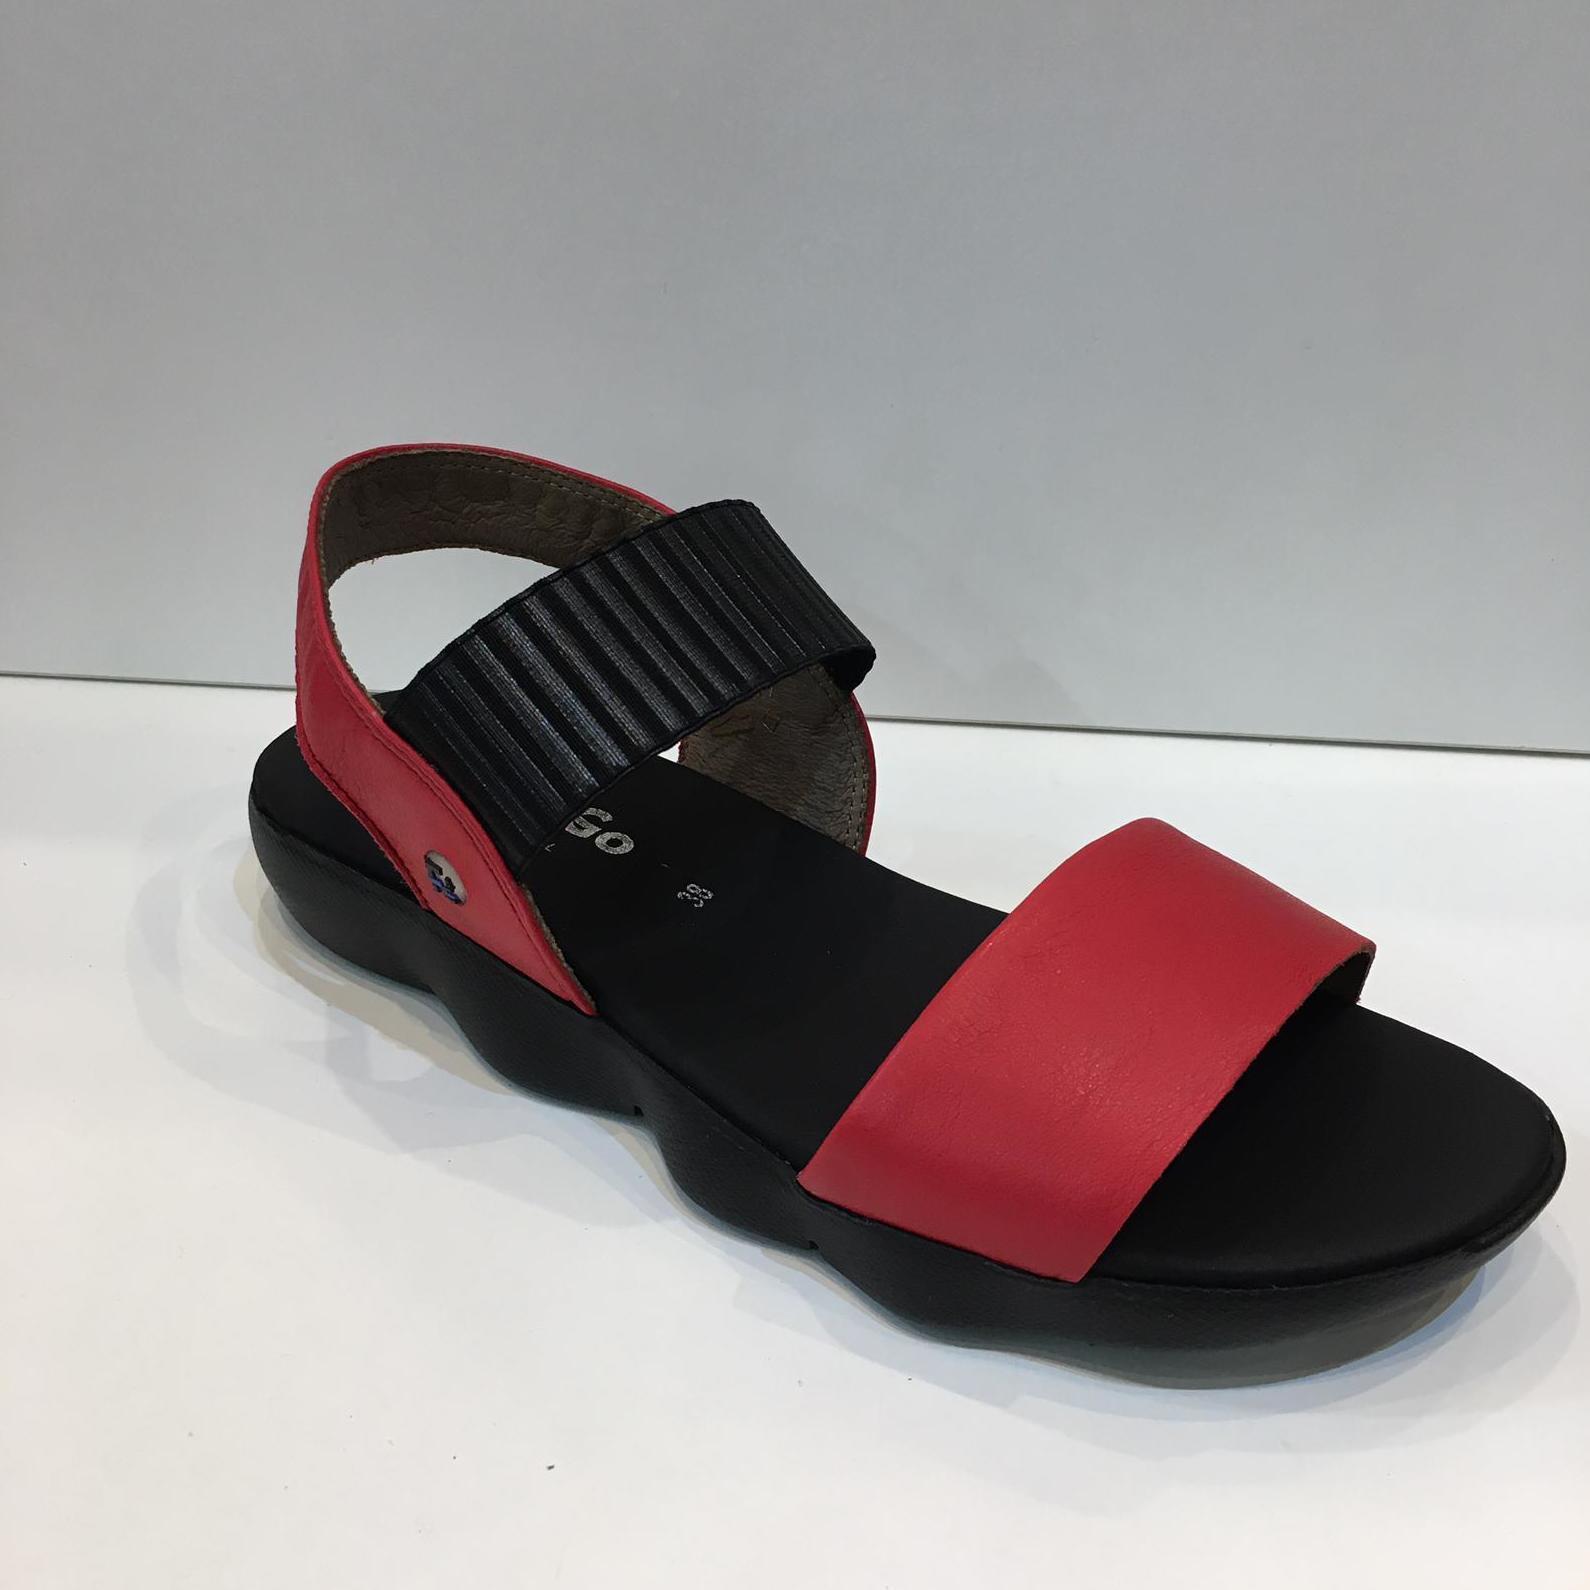 Sandàlia de dona, de la marca Flex&Go, ample especial, amb elàstic adaptable a totes les alçades de pont, plantilla encoixinada amb làtex, sola obercraft antilliscant i amb el mínim pes 66€